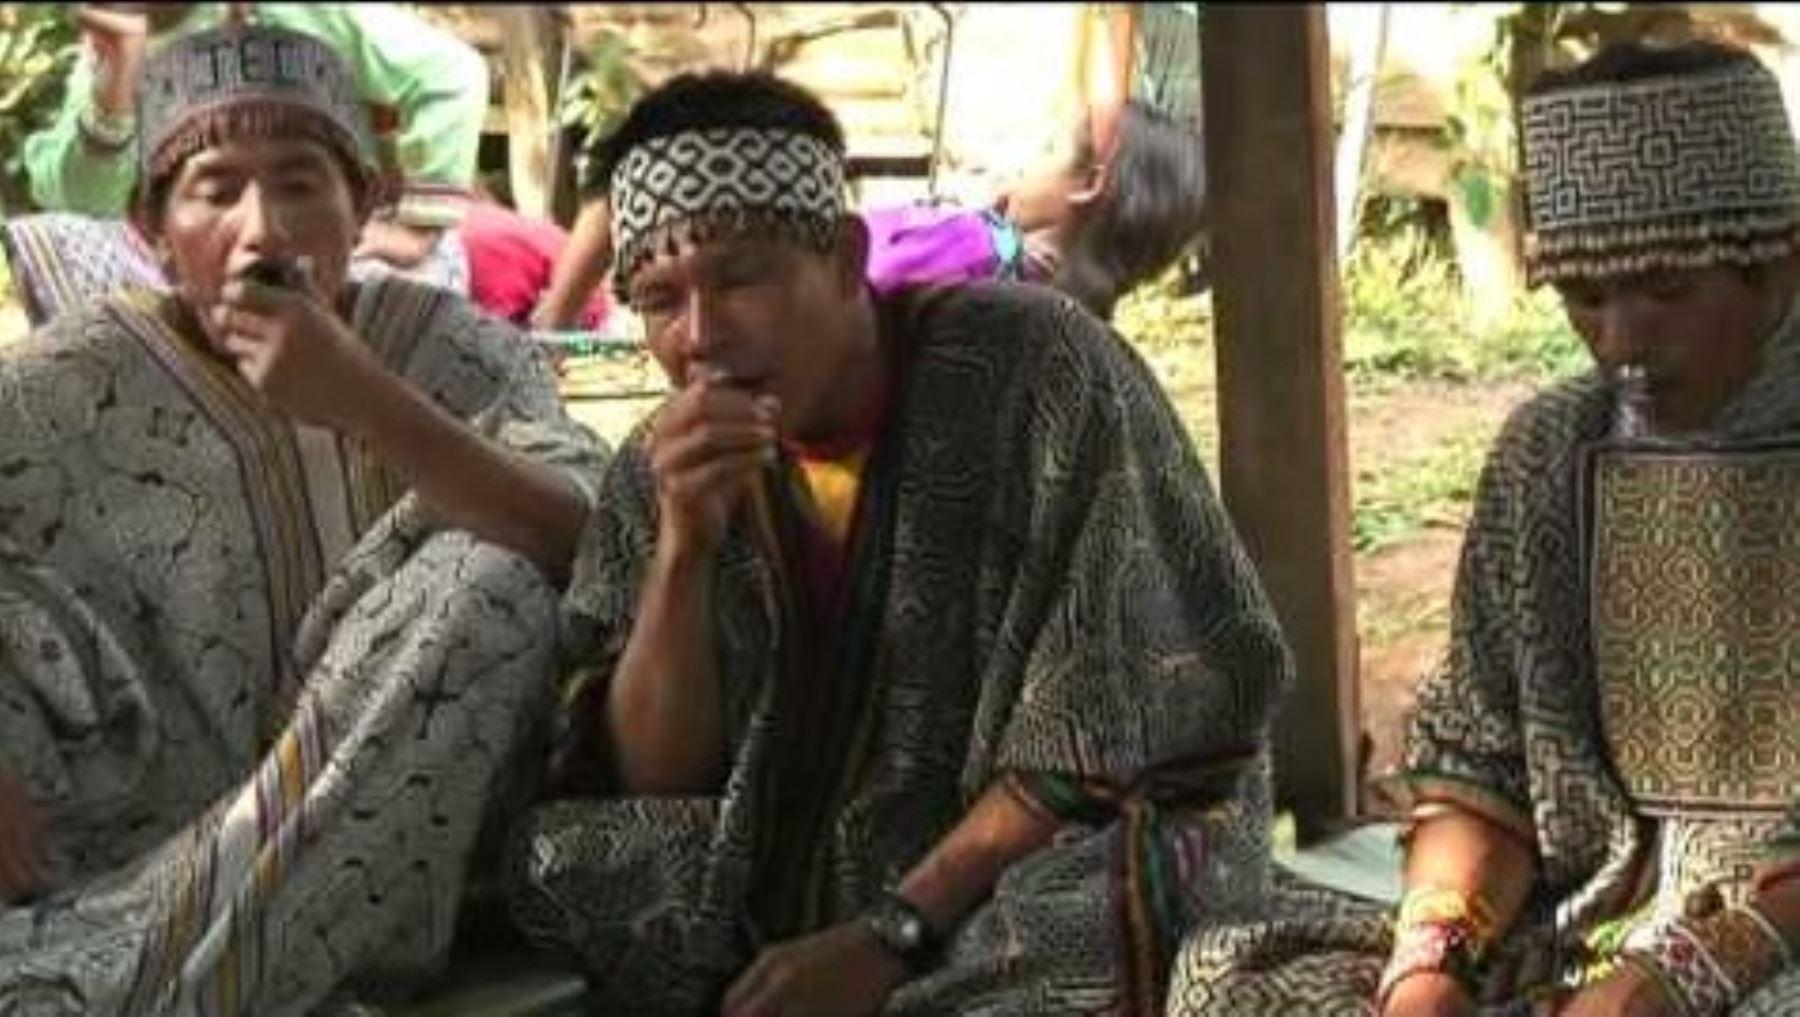 ¿Quién decide quiénes son los pueblos indígenas?